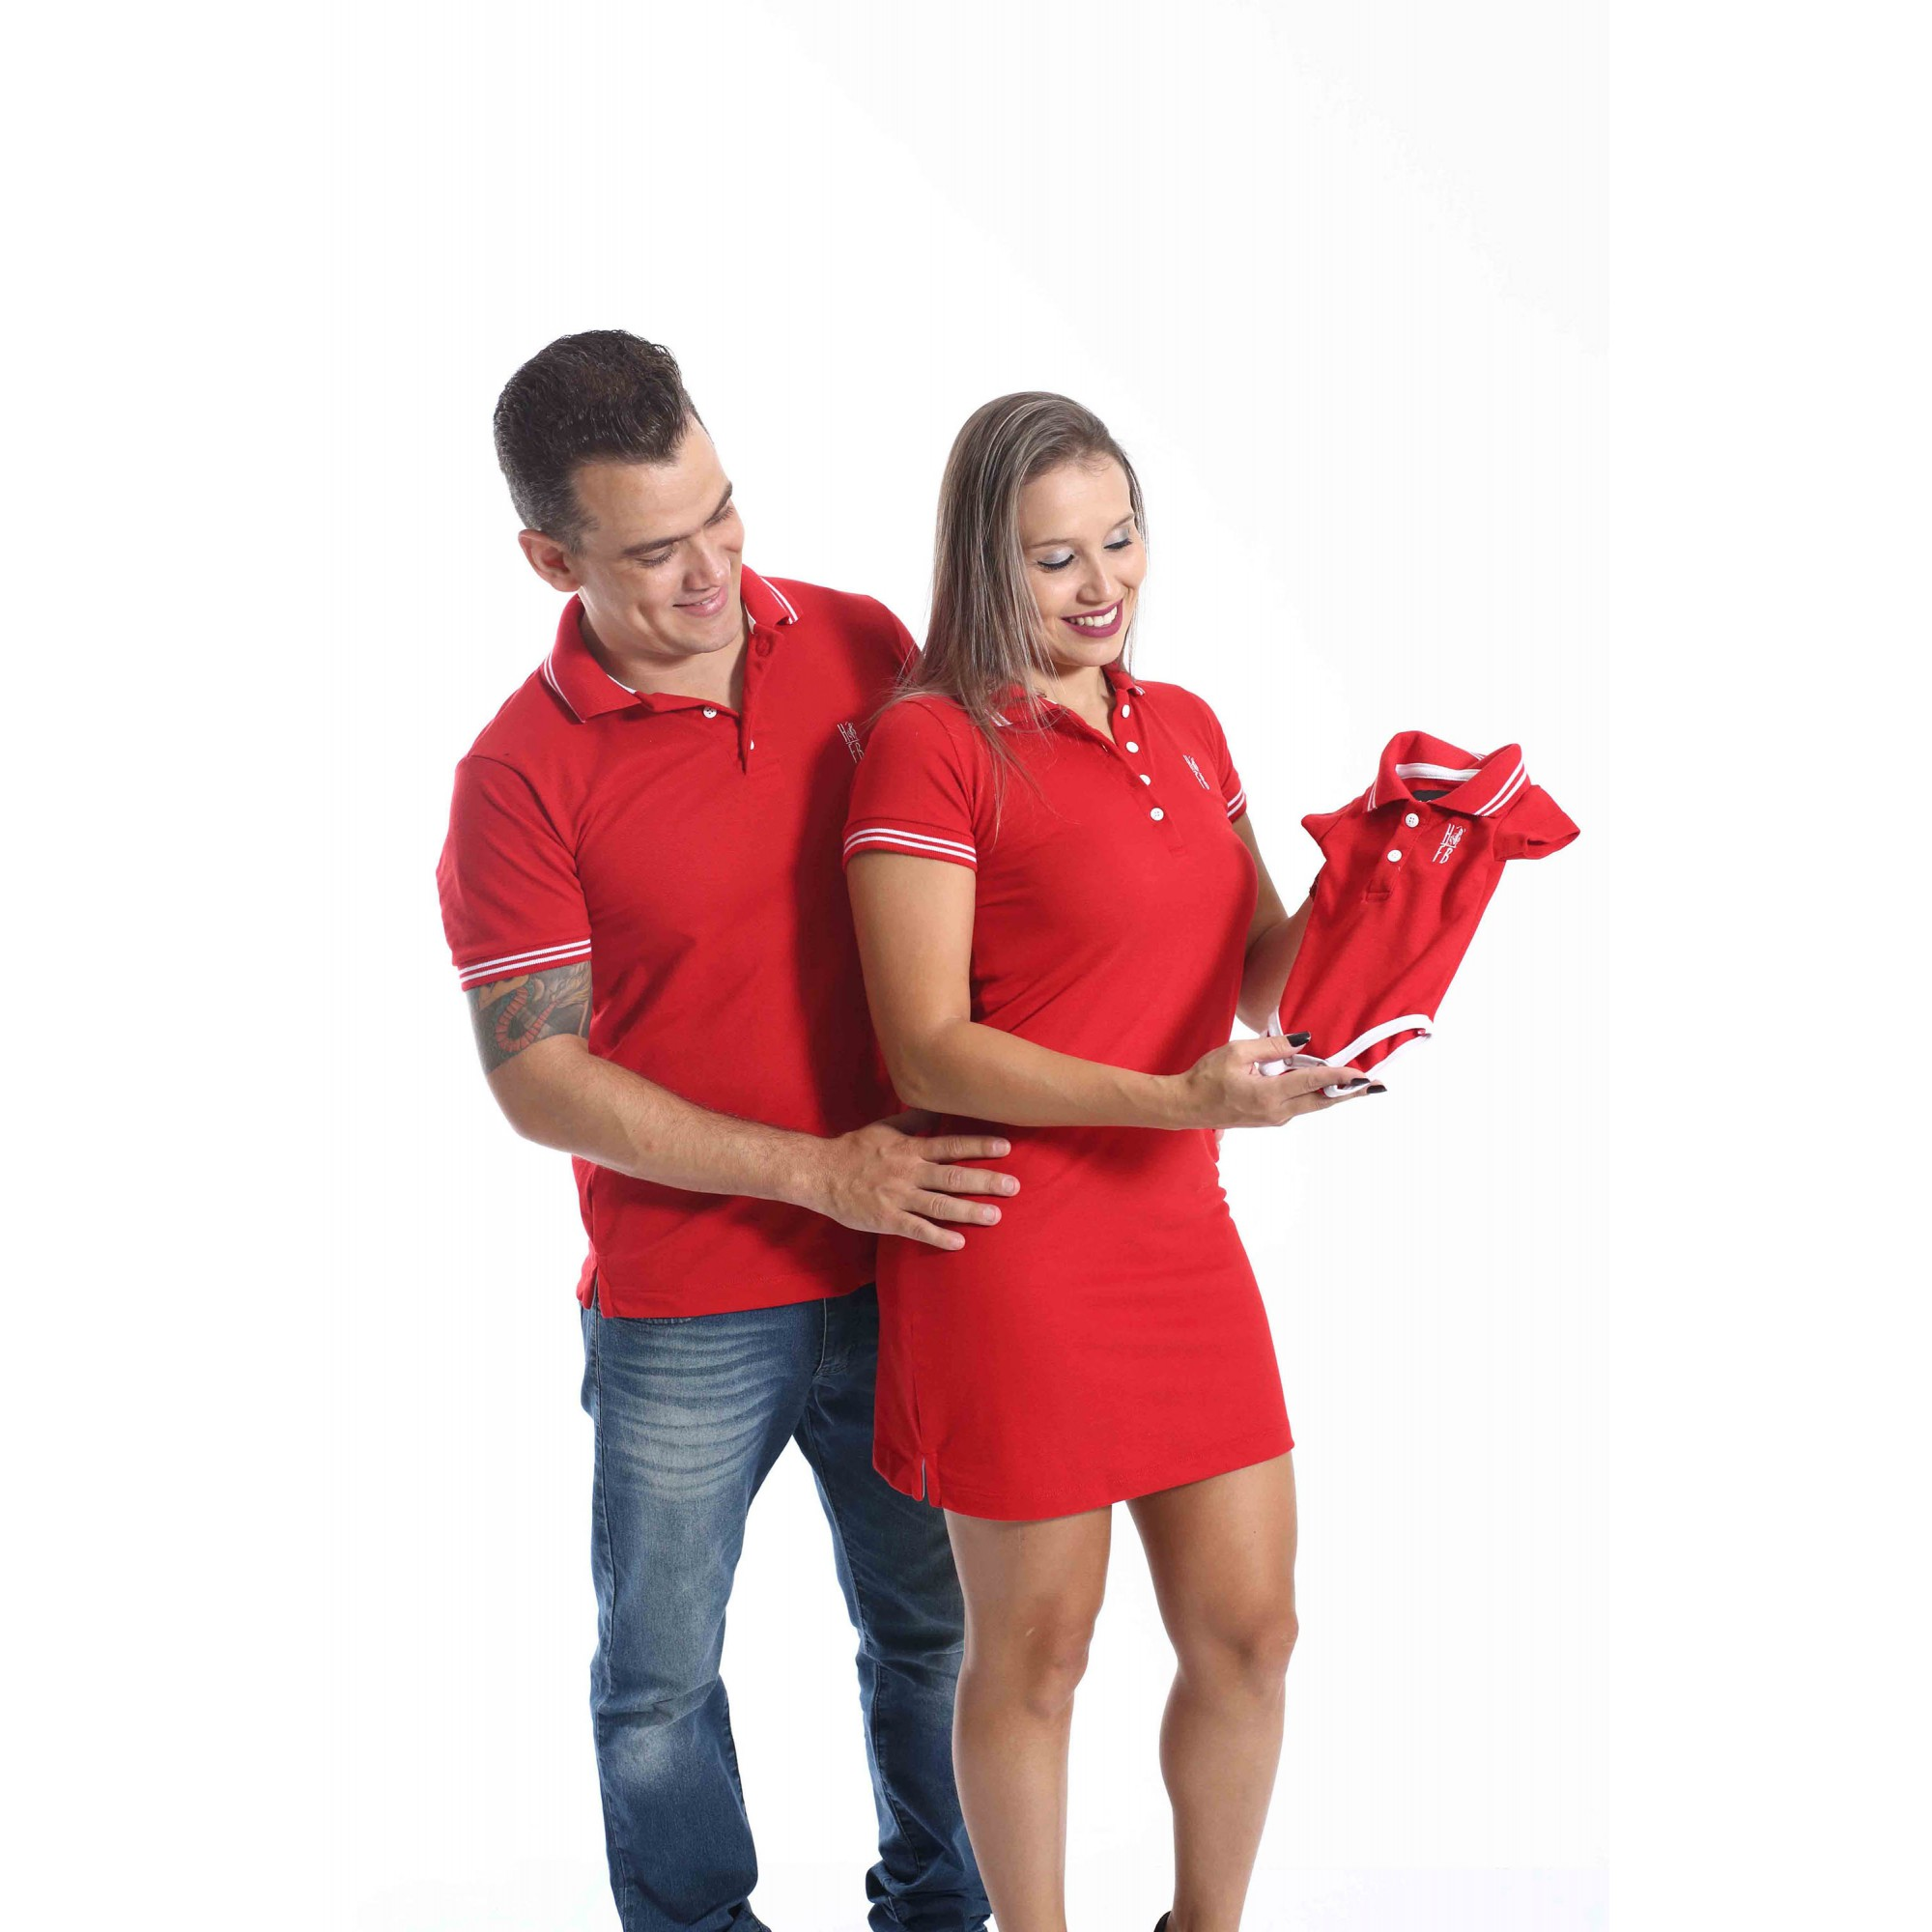 PAIS E FILHOS > Kit 3 peças - Camisa + Body Unissex + Vestido Polo - Vermelho Paixão [Coleção Família]  - Heitor Fashion Brazil